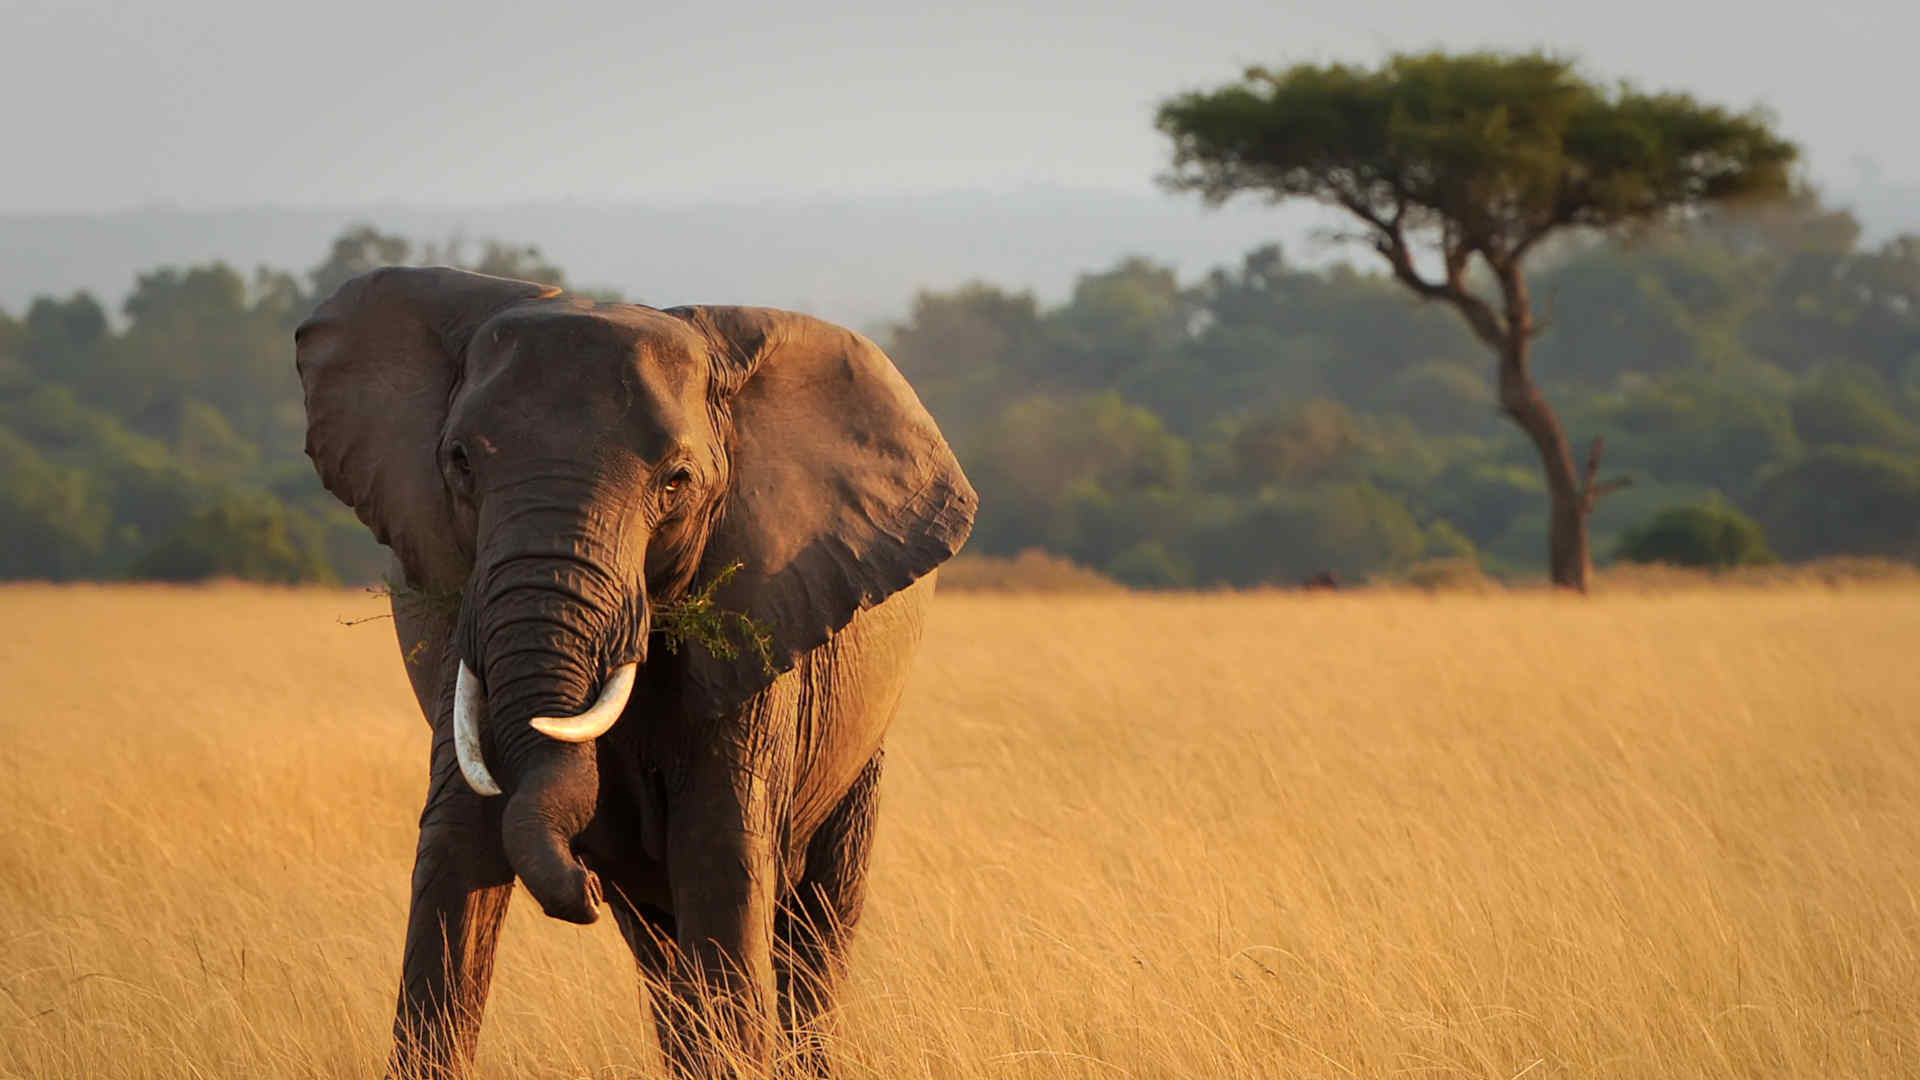 An elephant on the plains